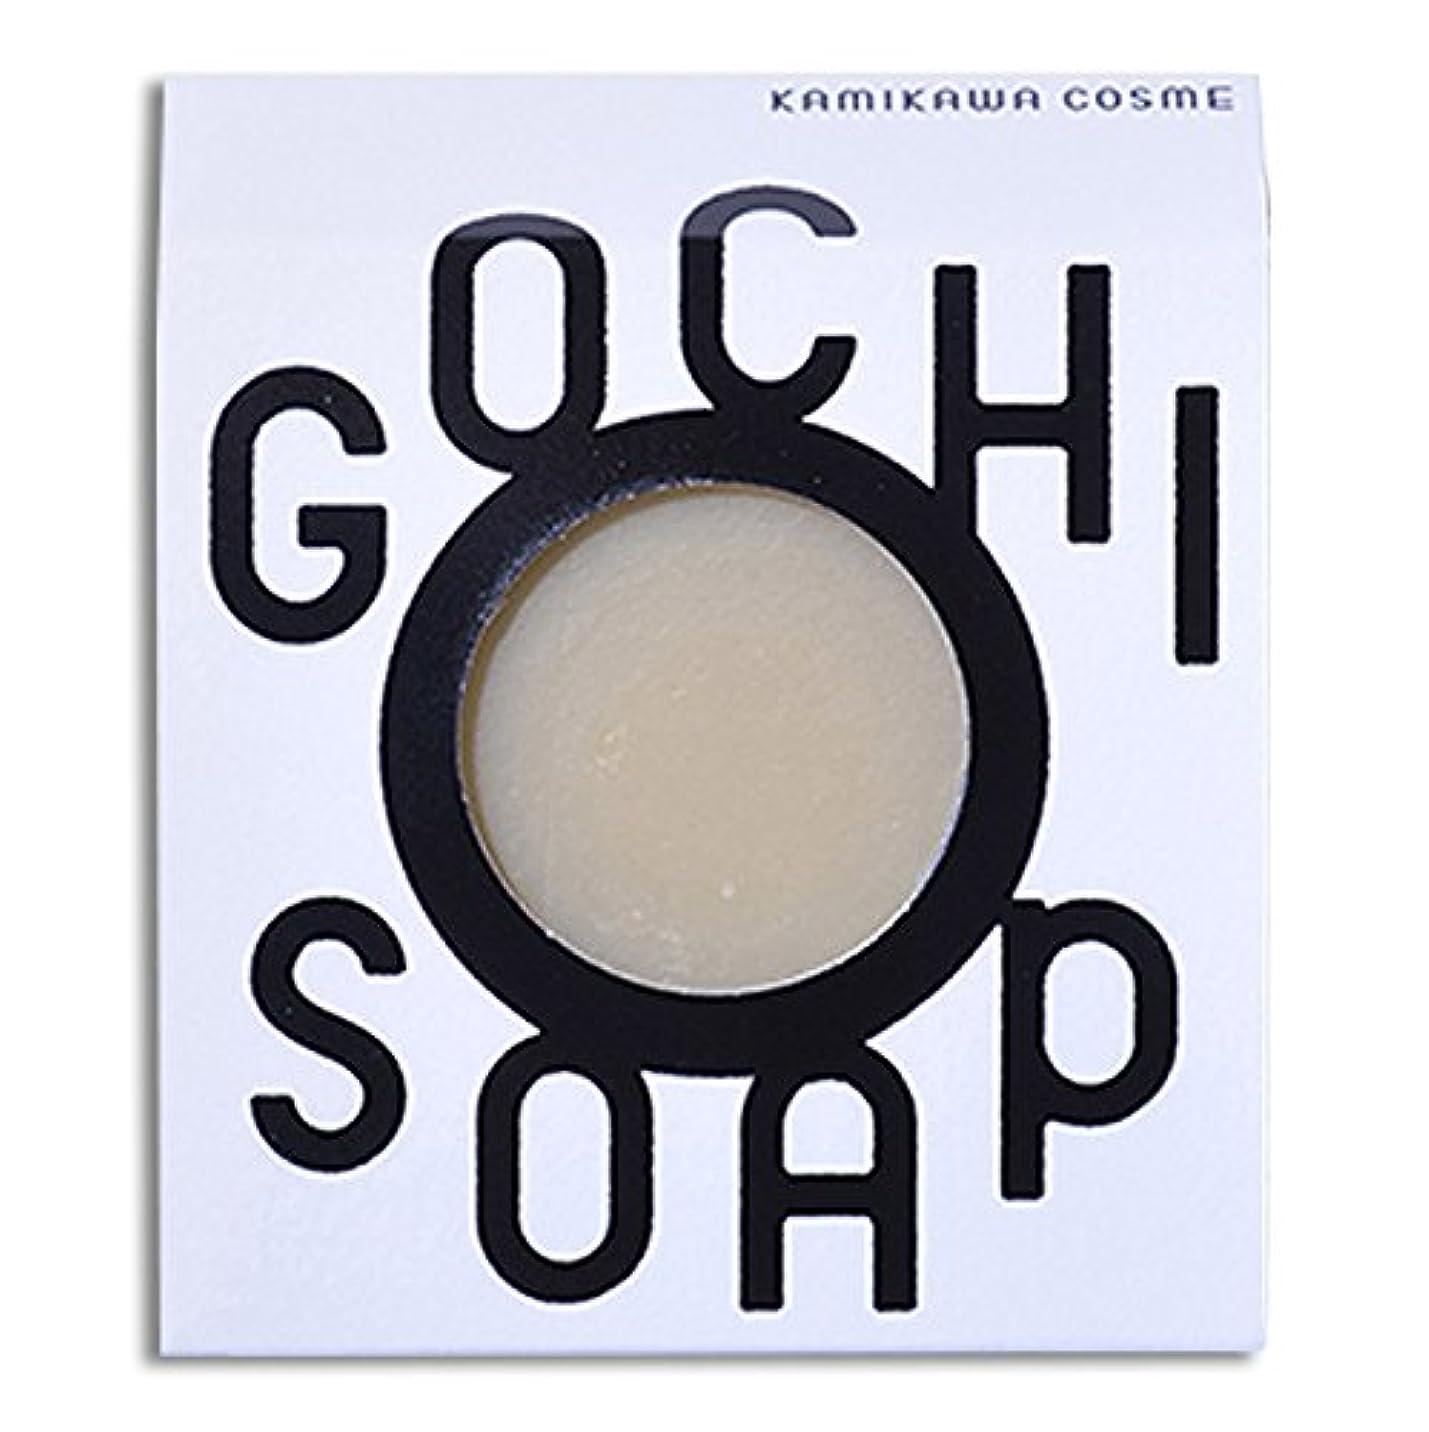 期限切れ痛い再現する道北の素材を使用したコスメブランド GOCHI SOAP(伊勢ファームの牛乳ソープ?平田こうじ店の米糀ソープ)各1個セット